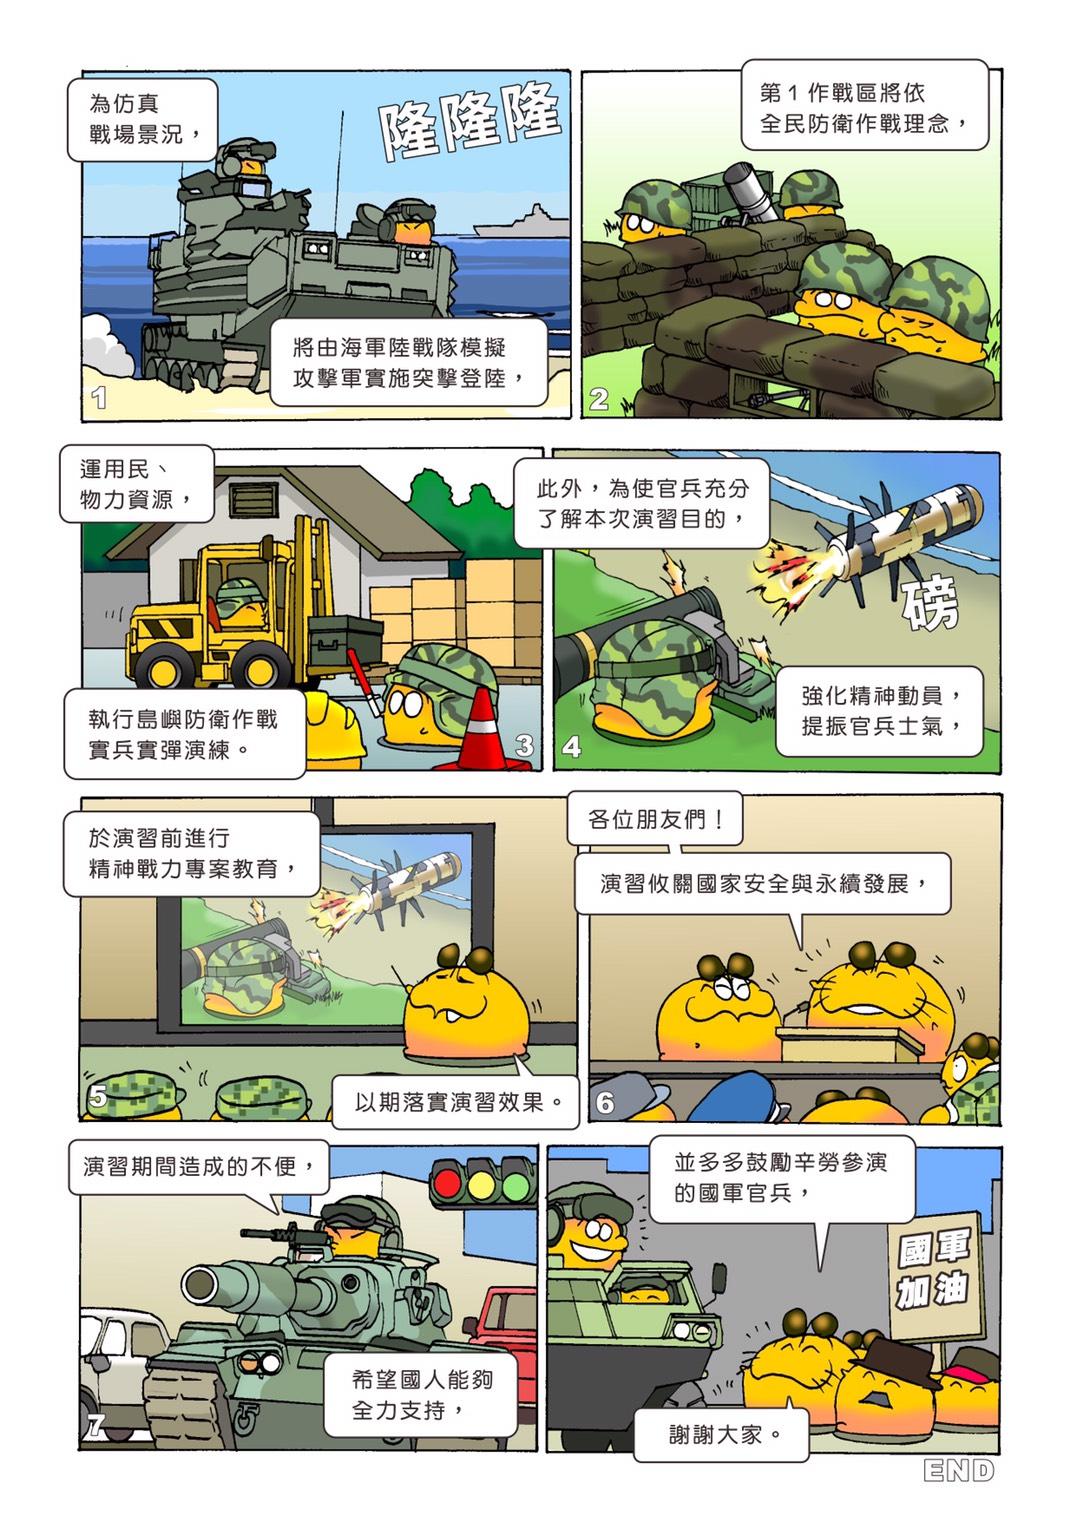 國防Online 漫畫07_02.jpg